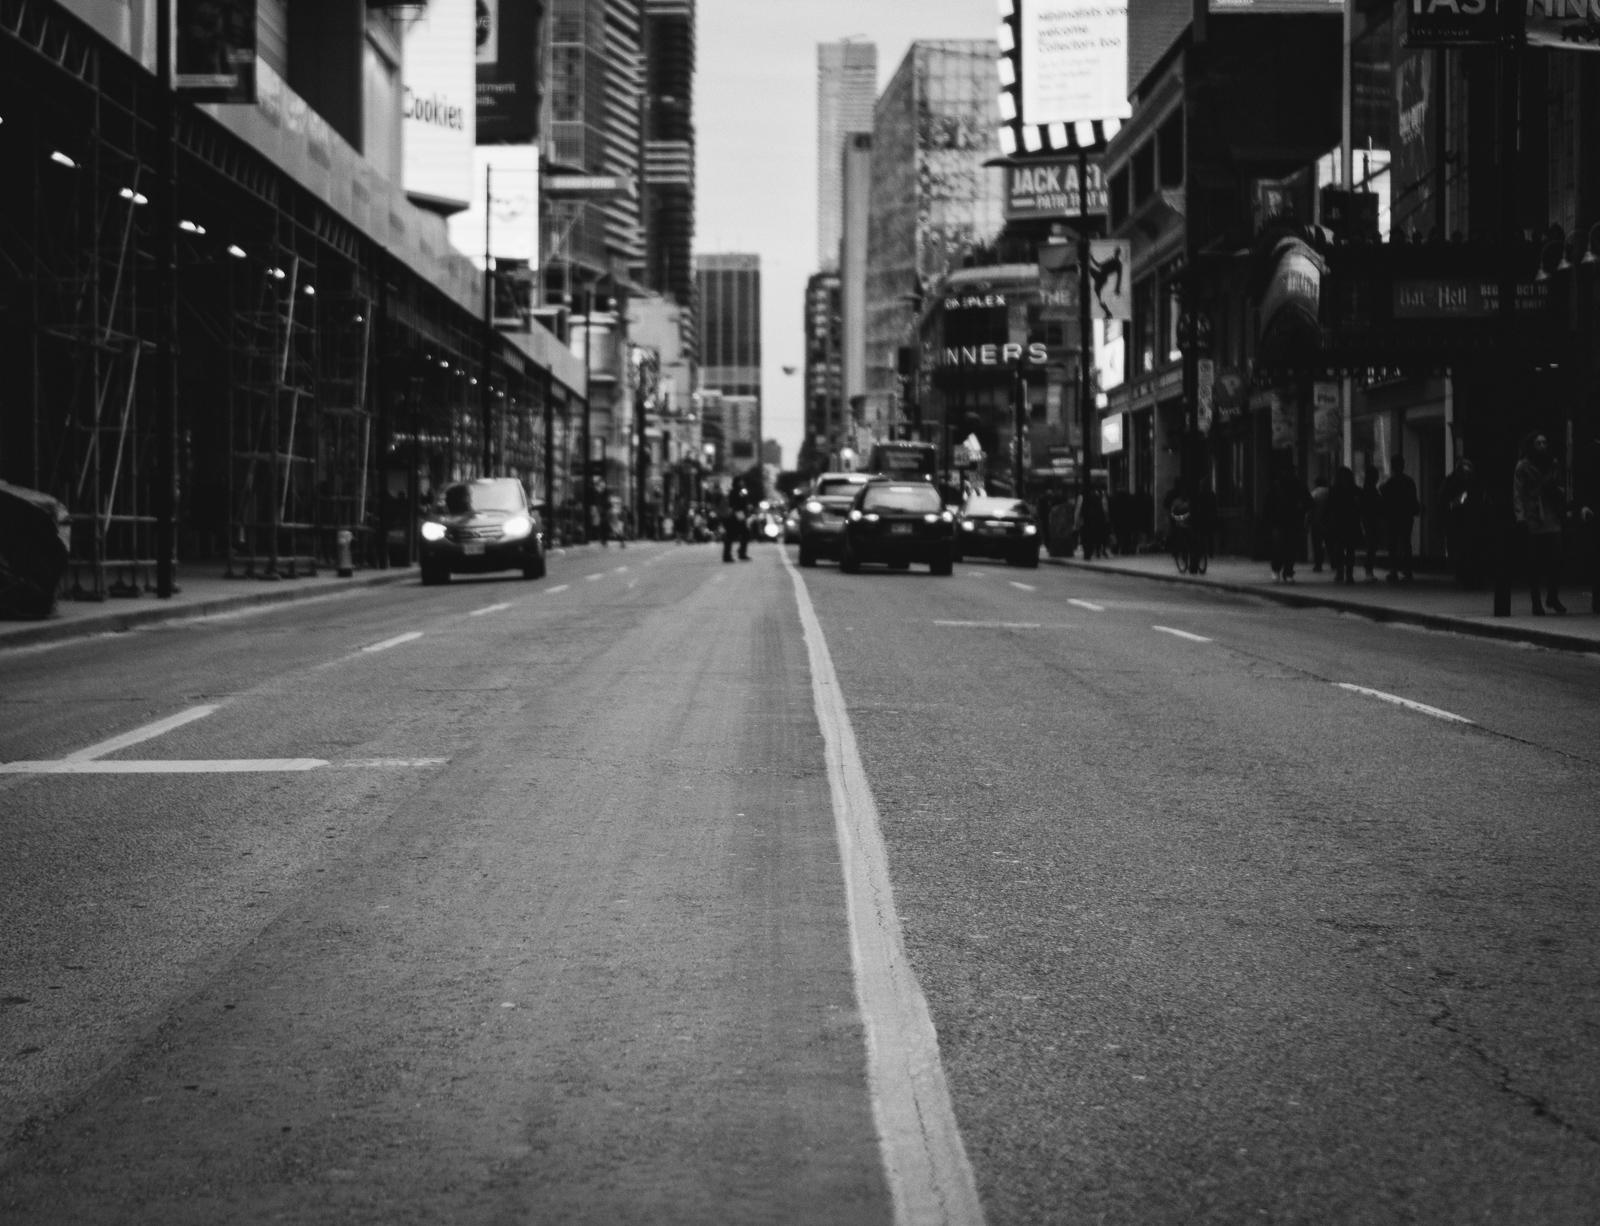 toronto-street-october-2018-blog-26.jpg